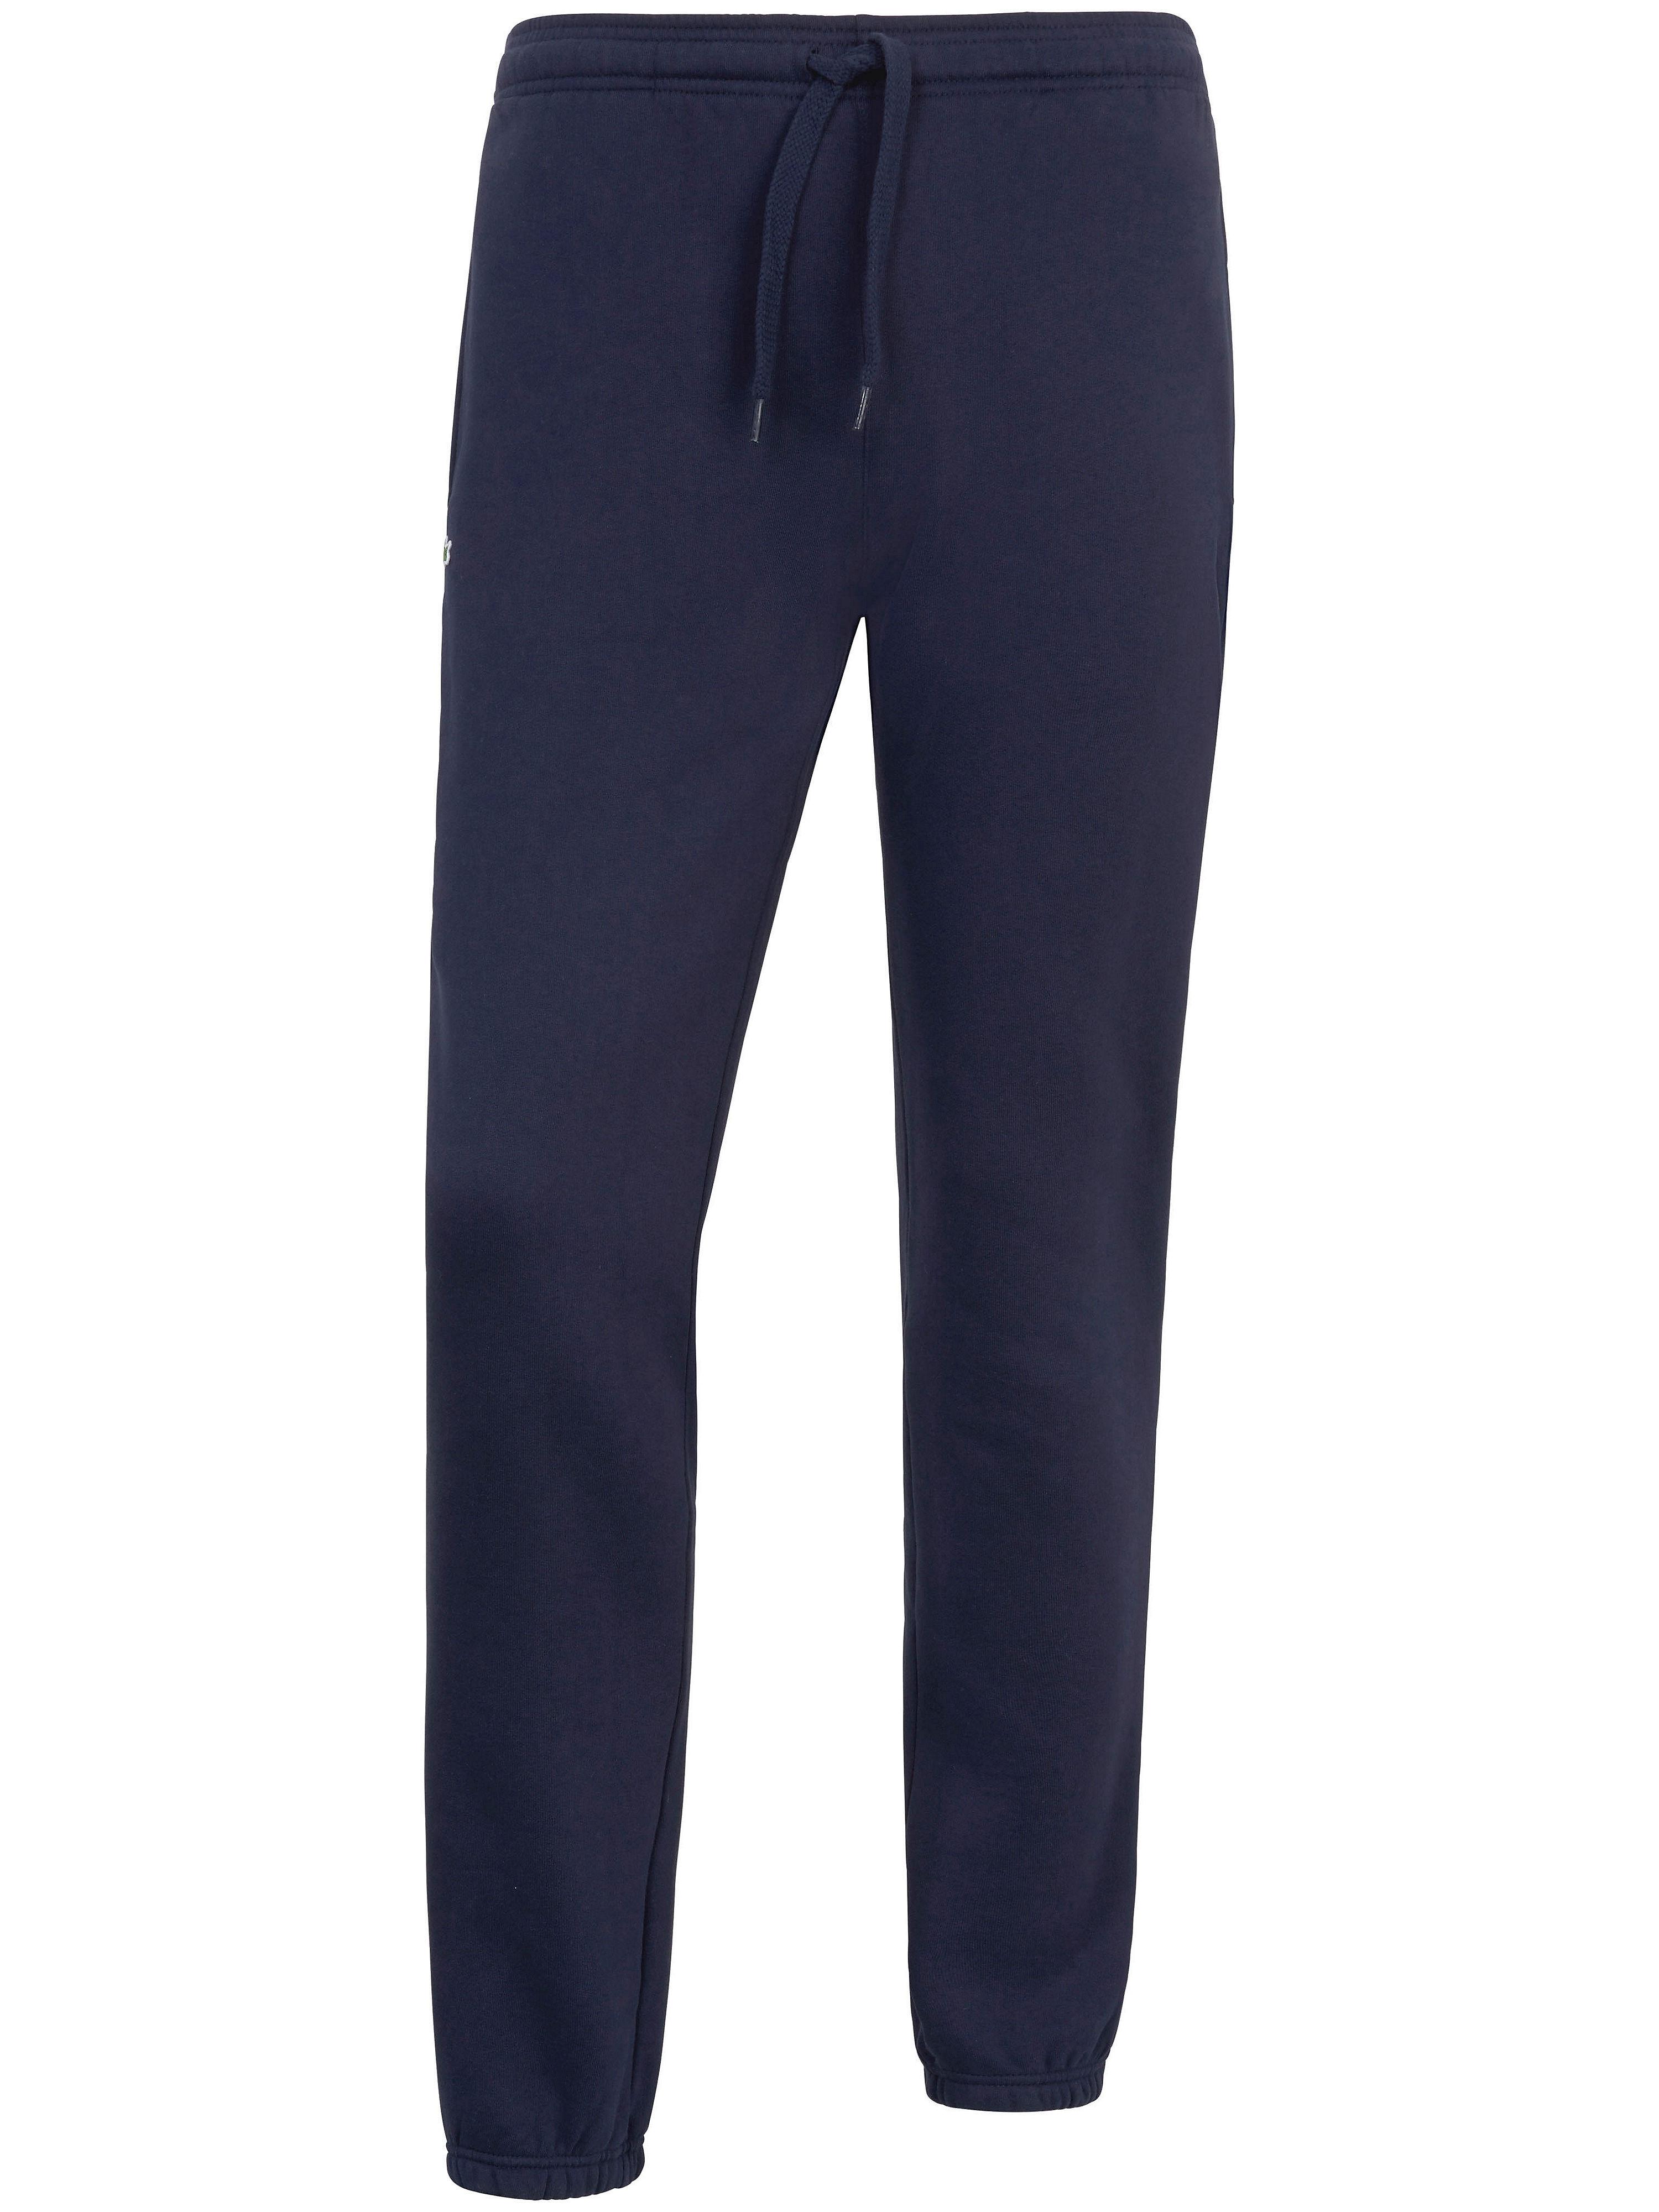 Le pantalon molletonné  Lacoste bleu taille 54